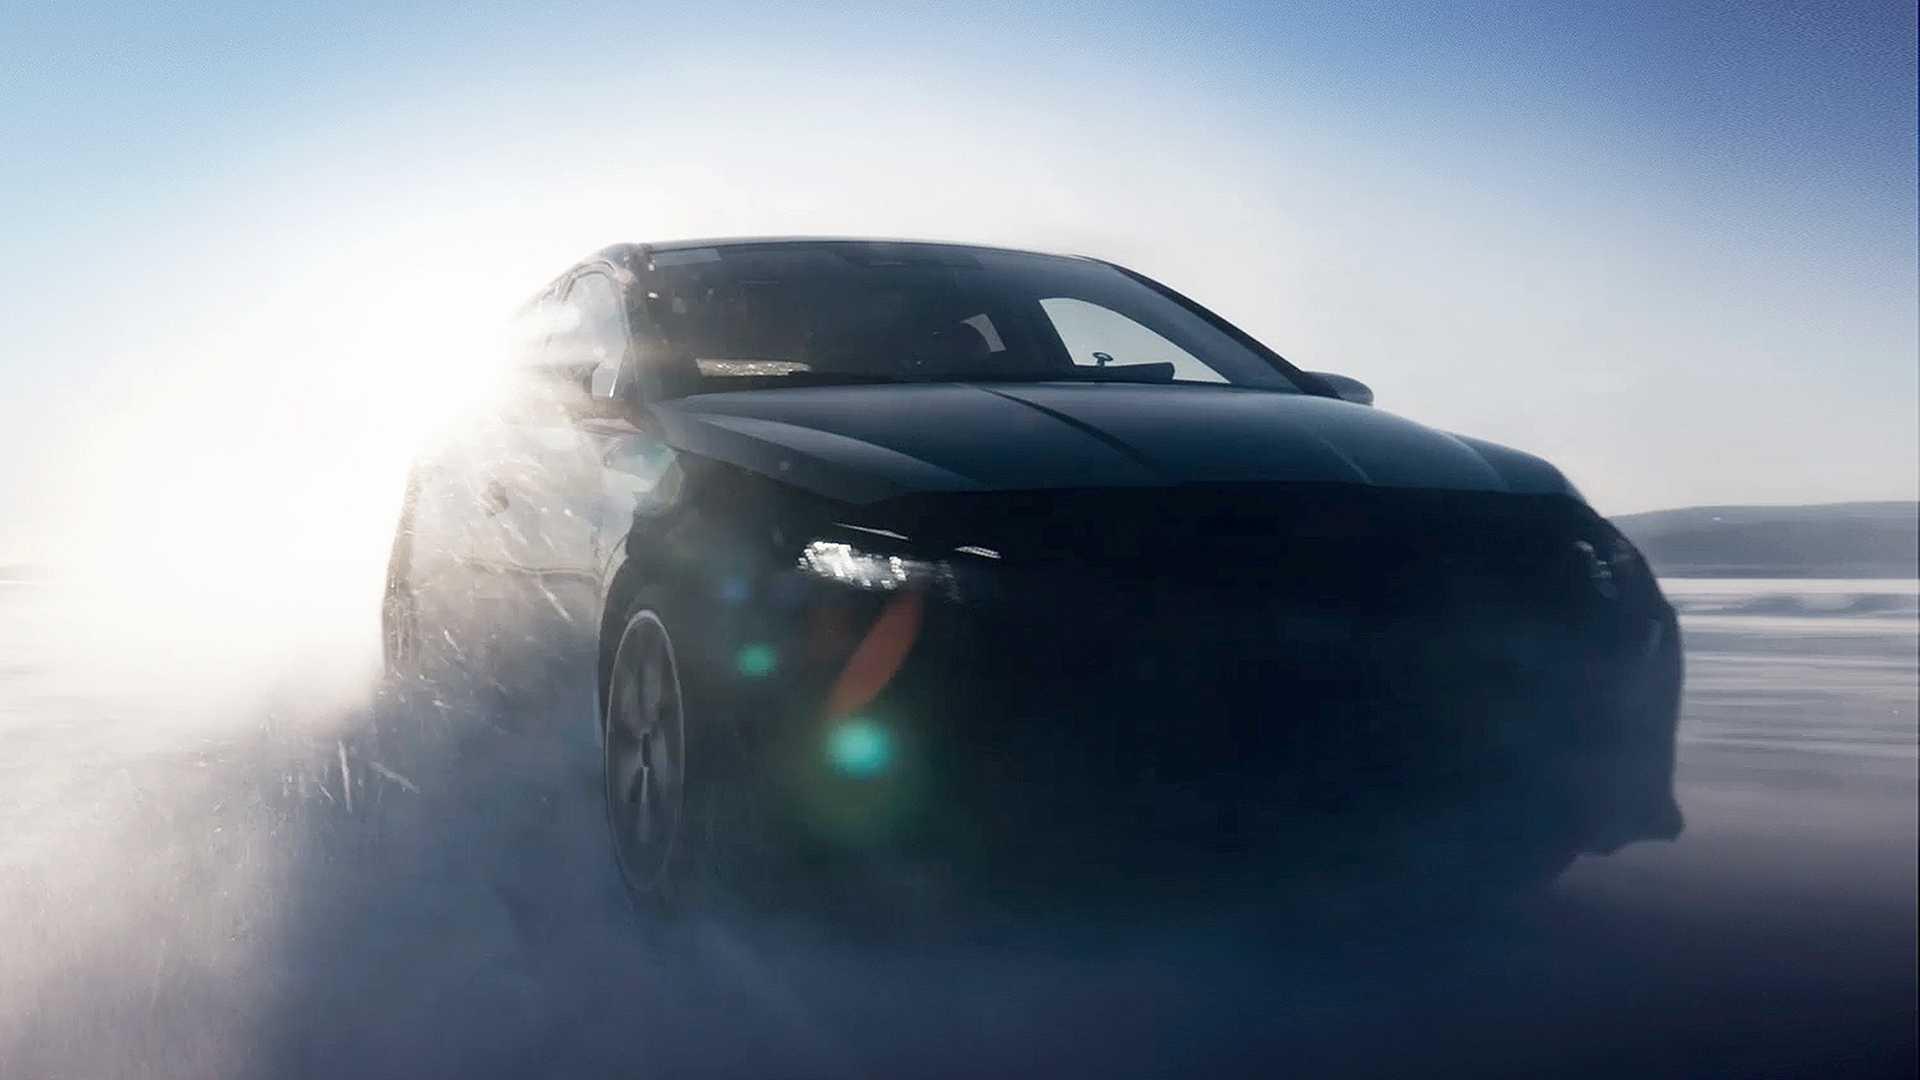 Hyundai-i20-N-teasers-8